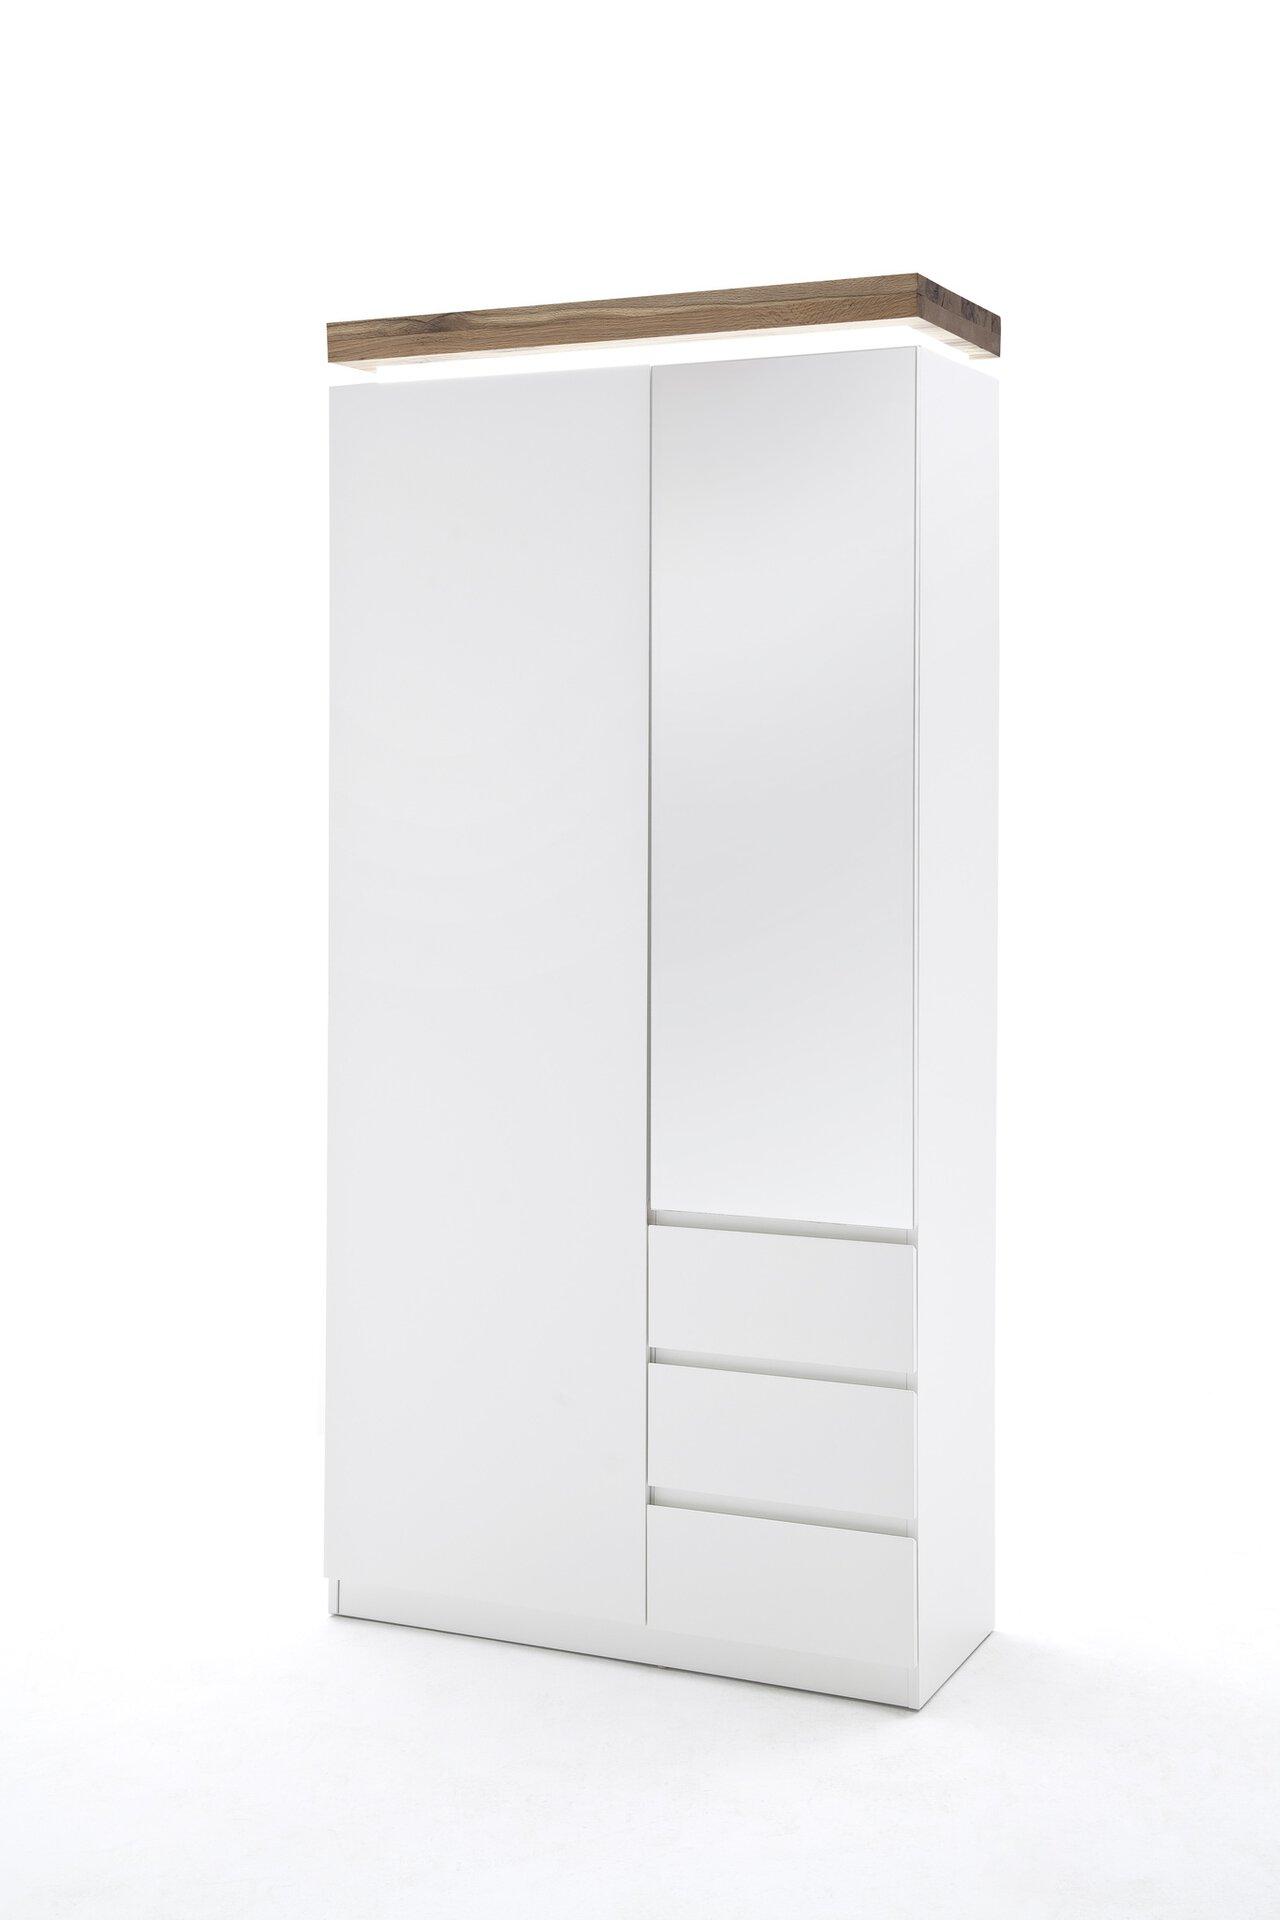 Garderobenschrank ROMINA MCA furniture Holzwerkstoff weiß 38 x 198 x 91 cm